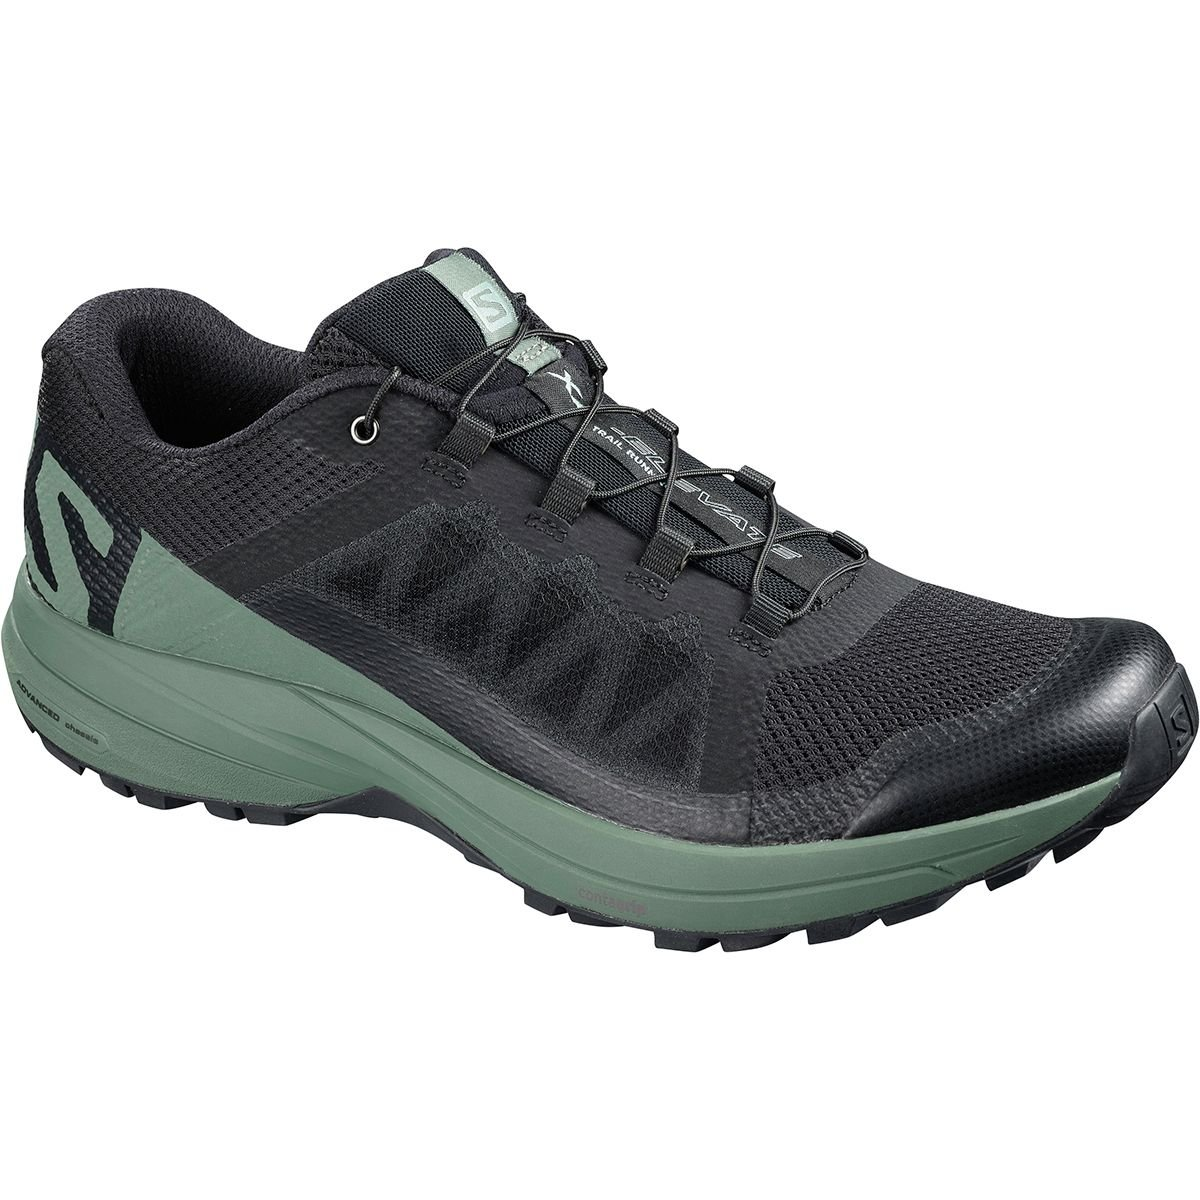 クラシック [サロモン] メンズ Shoe ランニング [サロモン] XA Elevate Trail Running US-7.5/UK-7.0 Shoe [並行輸入品] B07FN96NVM US-7.5/UK-7.0, スッツグン:d17c8cf9 --- sparkinsun.com